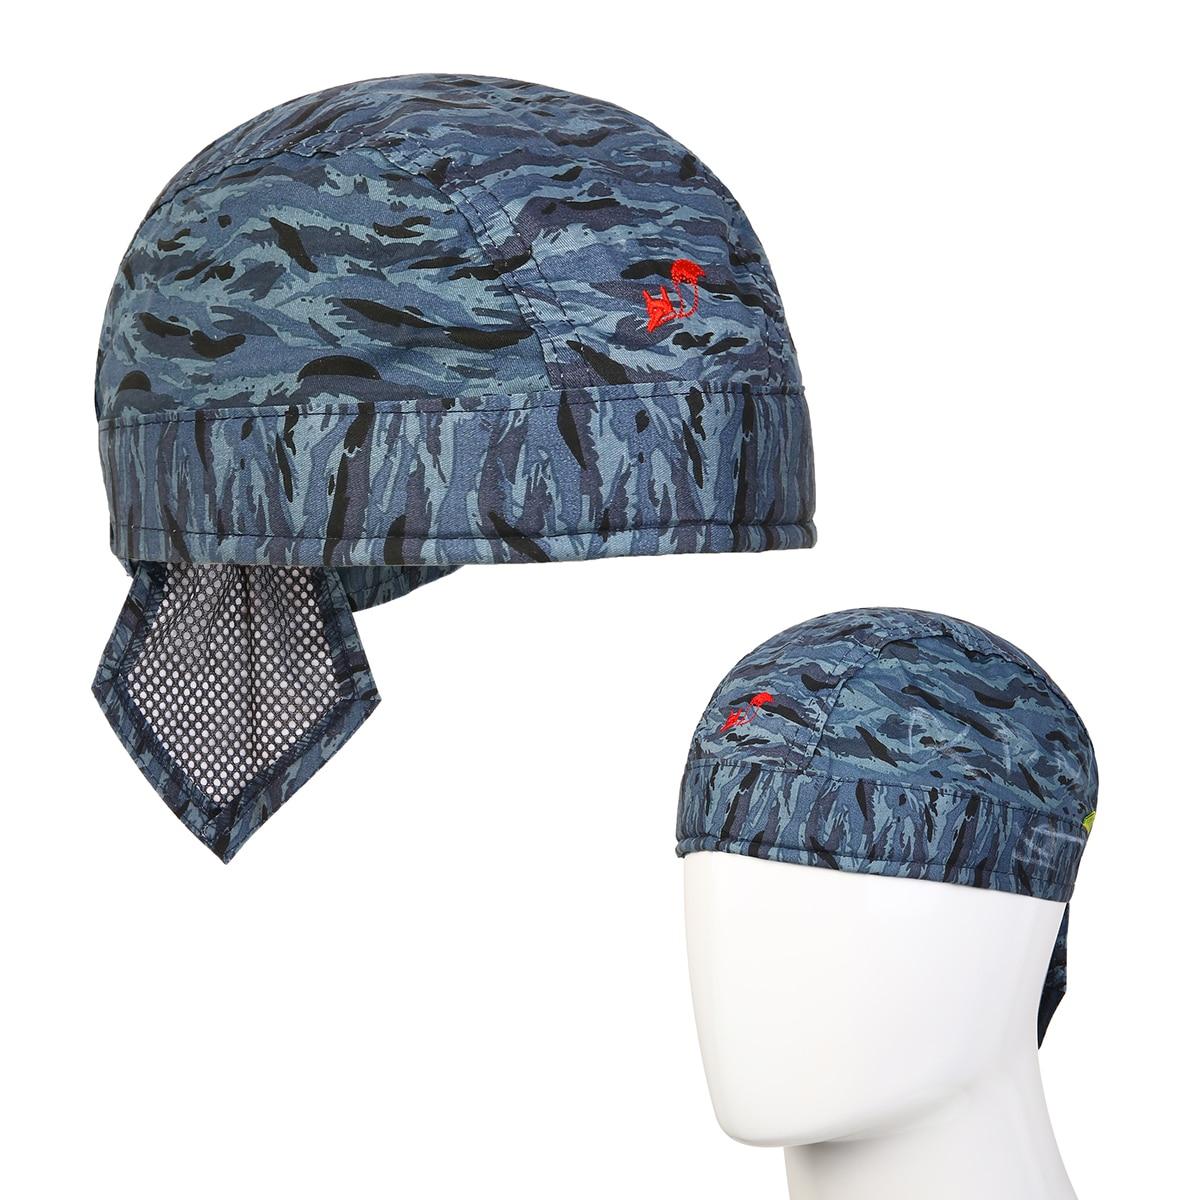 Bandana o pañuelo protector de cabeza para soldar